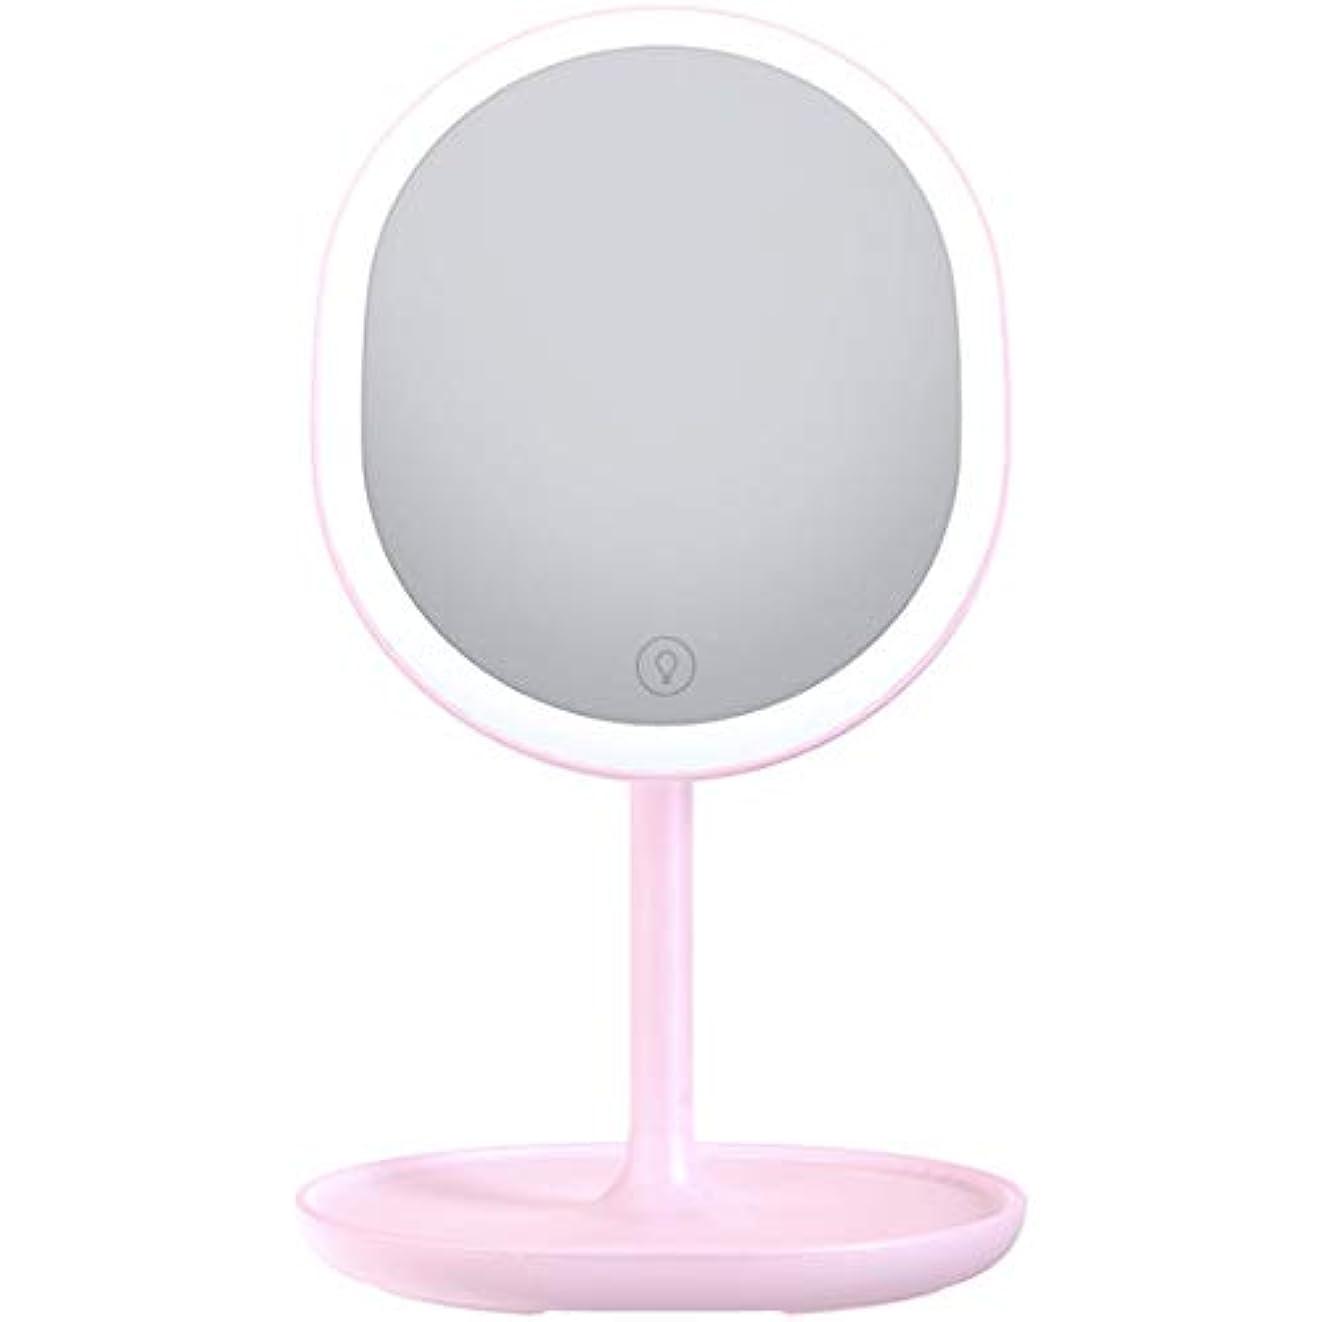 無条件石炭スリッパ化粧鏡 LED電式 卓上ミラー 鏡 化粧ミラー 女優ミラー 等倍鏡 メイクミラー 180°回転式 led付き 5倍拡大鏡付き 明るさ調節可能 (ピンク)